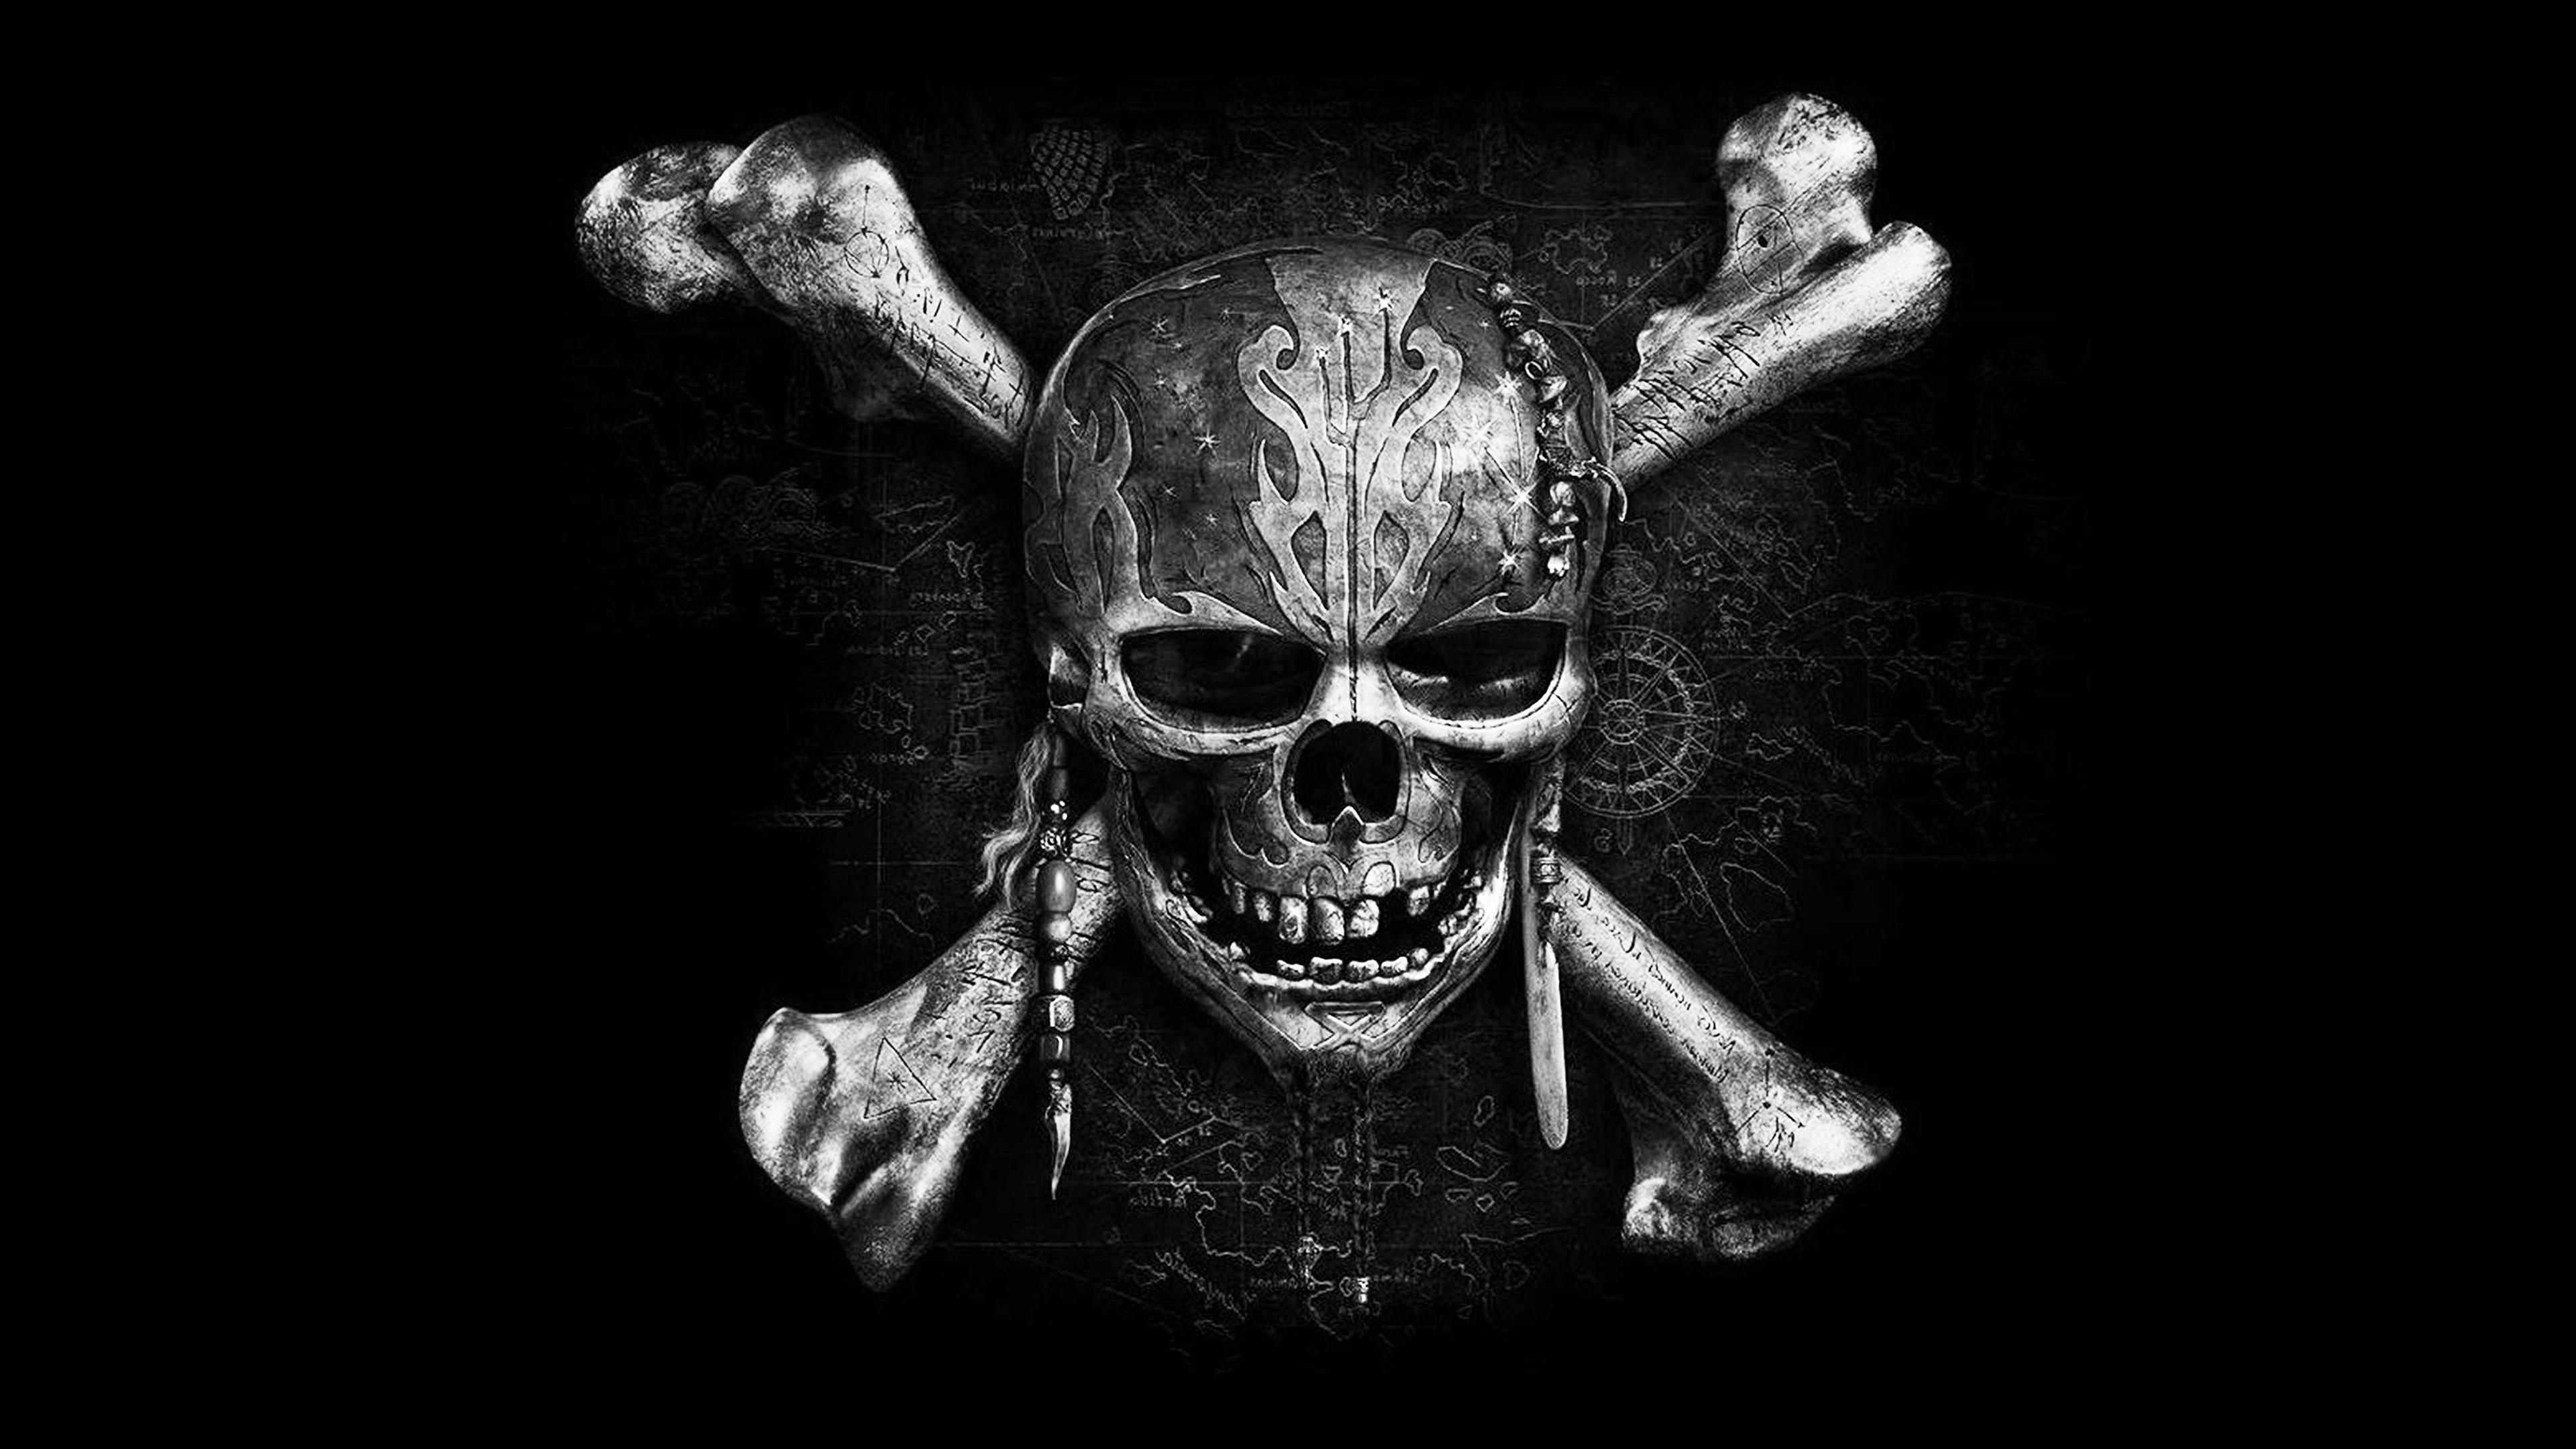 Fall Desktop Wallpaper Illustration At84 Pirates Dark Skull Art Illustration Bw Wallpaper